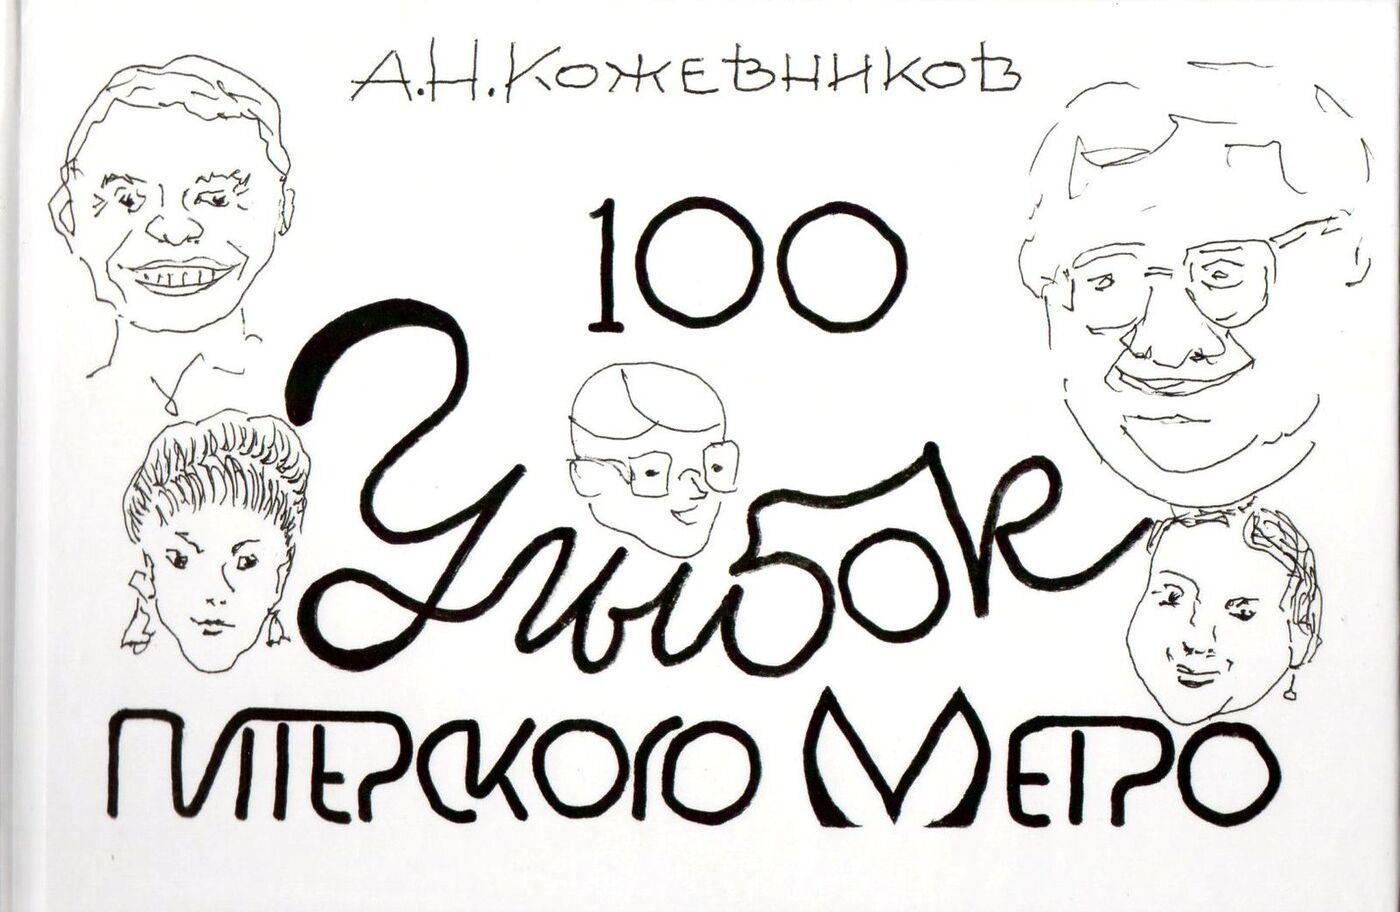 100 ulybok piterskogo metro